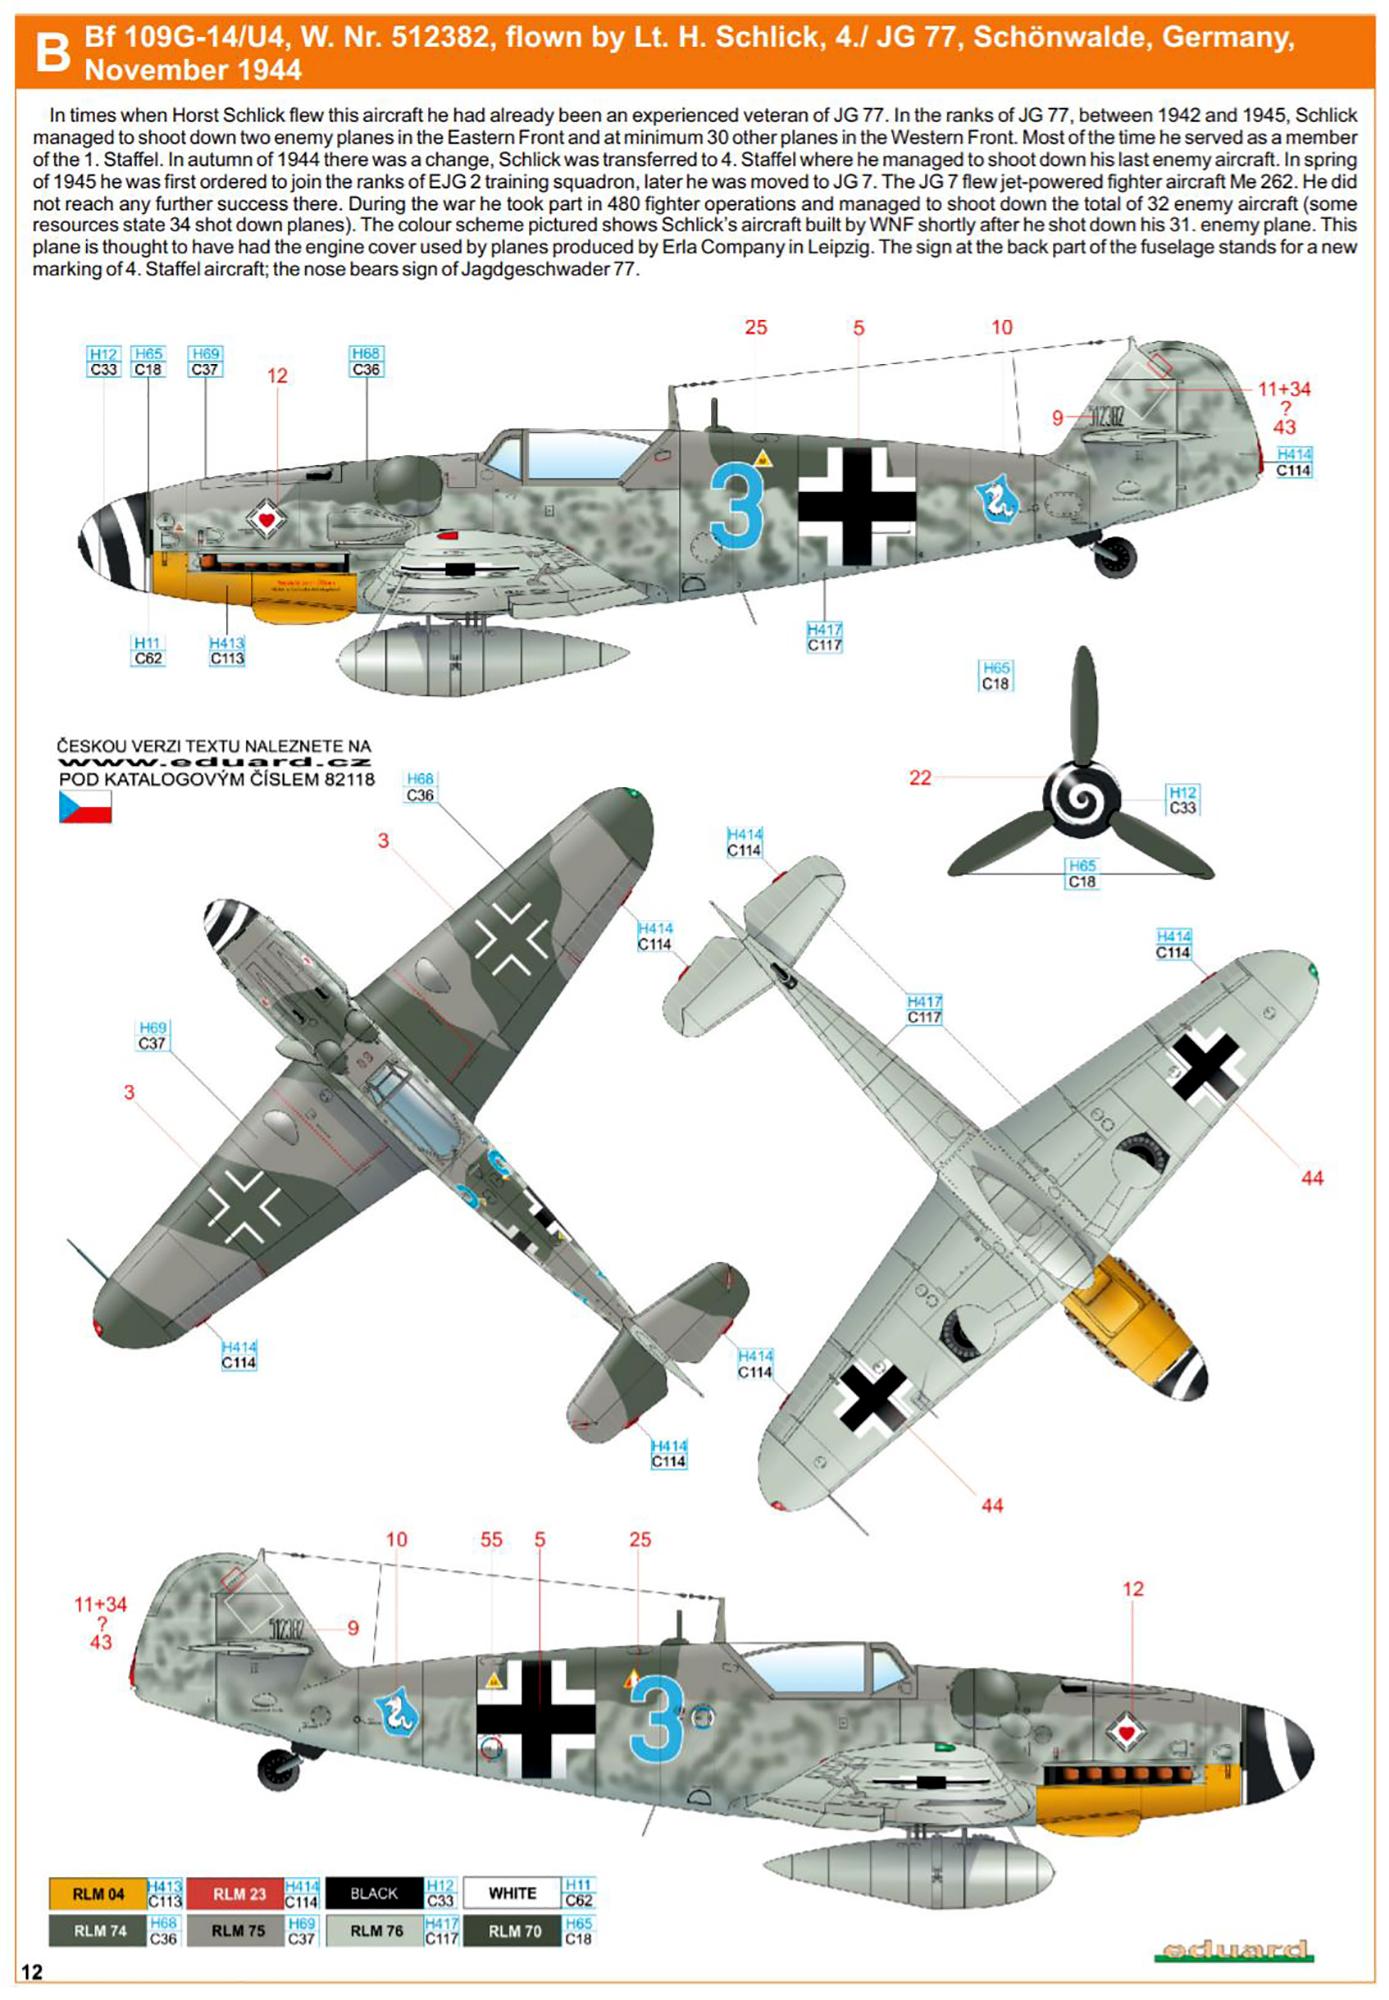 Messerschmitt Bf 109G14AS Erla 4.JG77 Blue 3 Horst Schlick WNr 512382 Schonwalde Germany 1944 0B